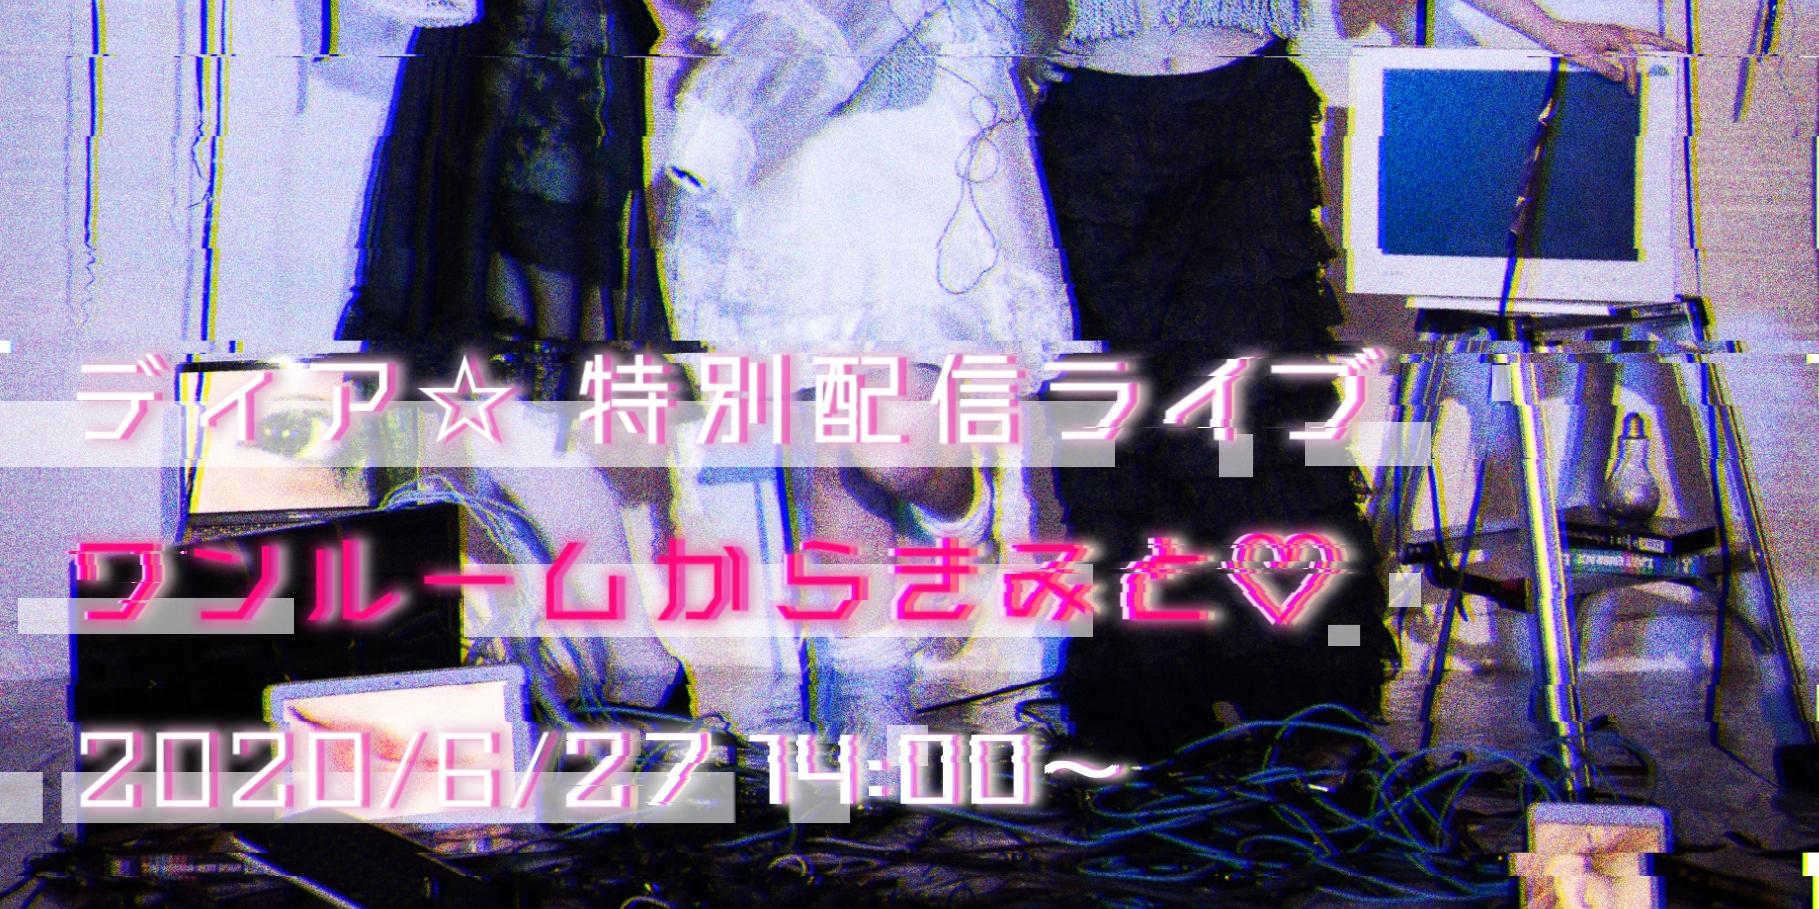 ディア☆特別配信ライブ『ワンルームからきみと♡』